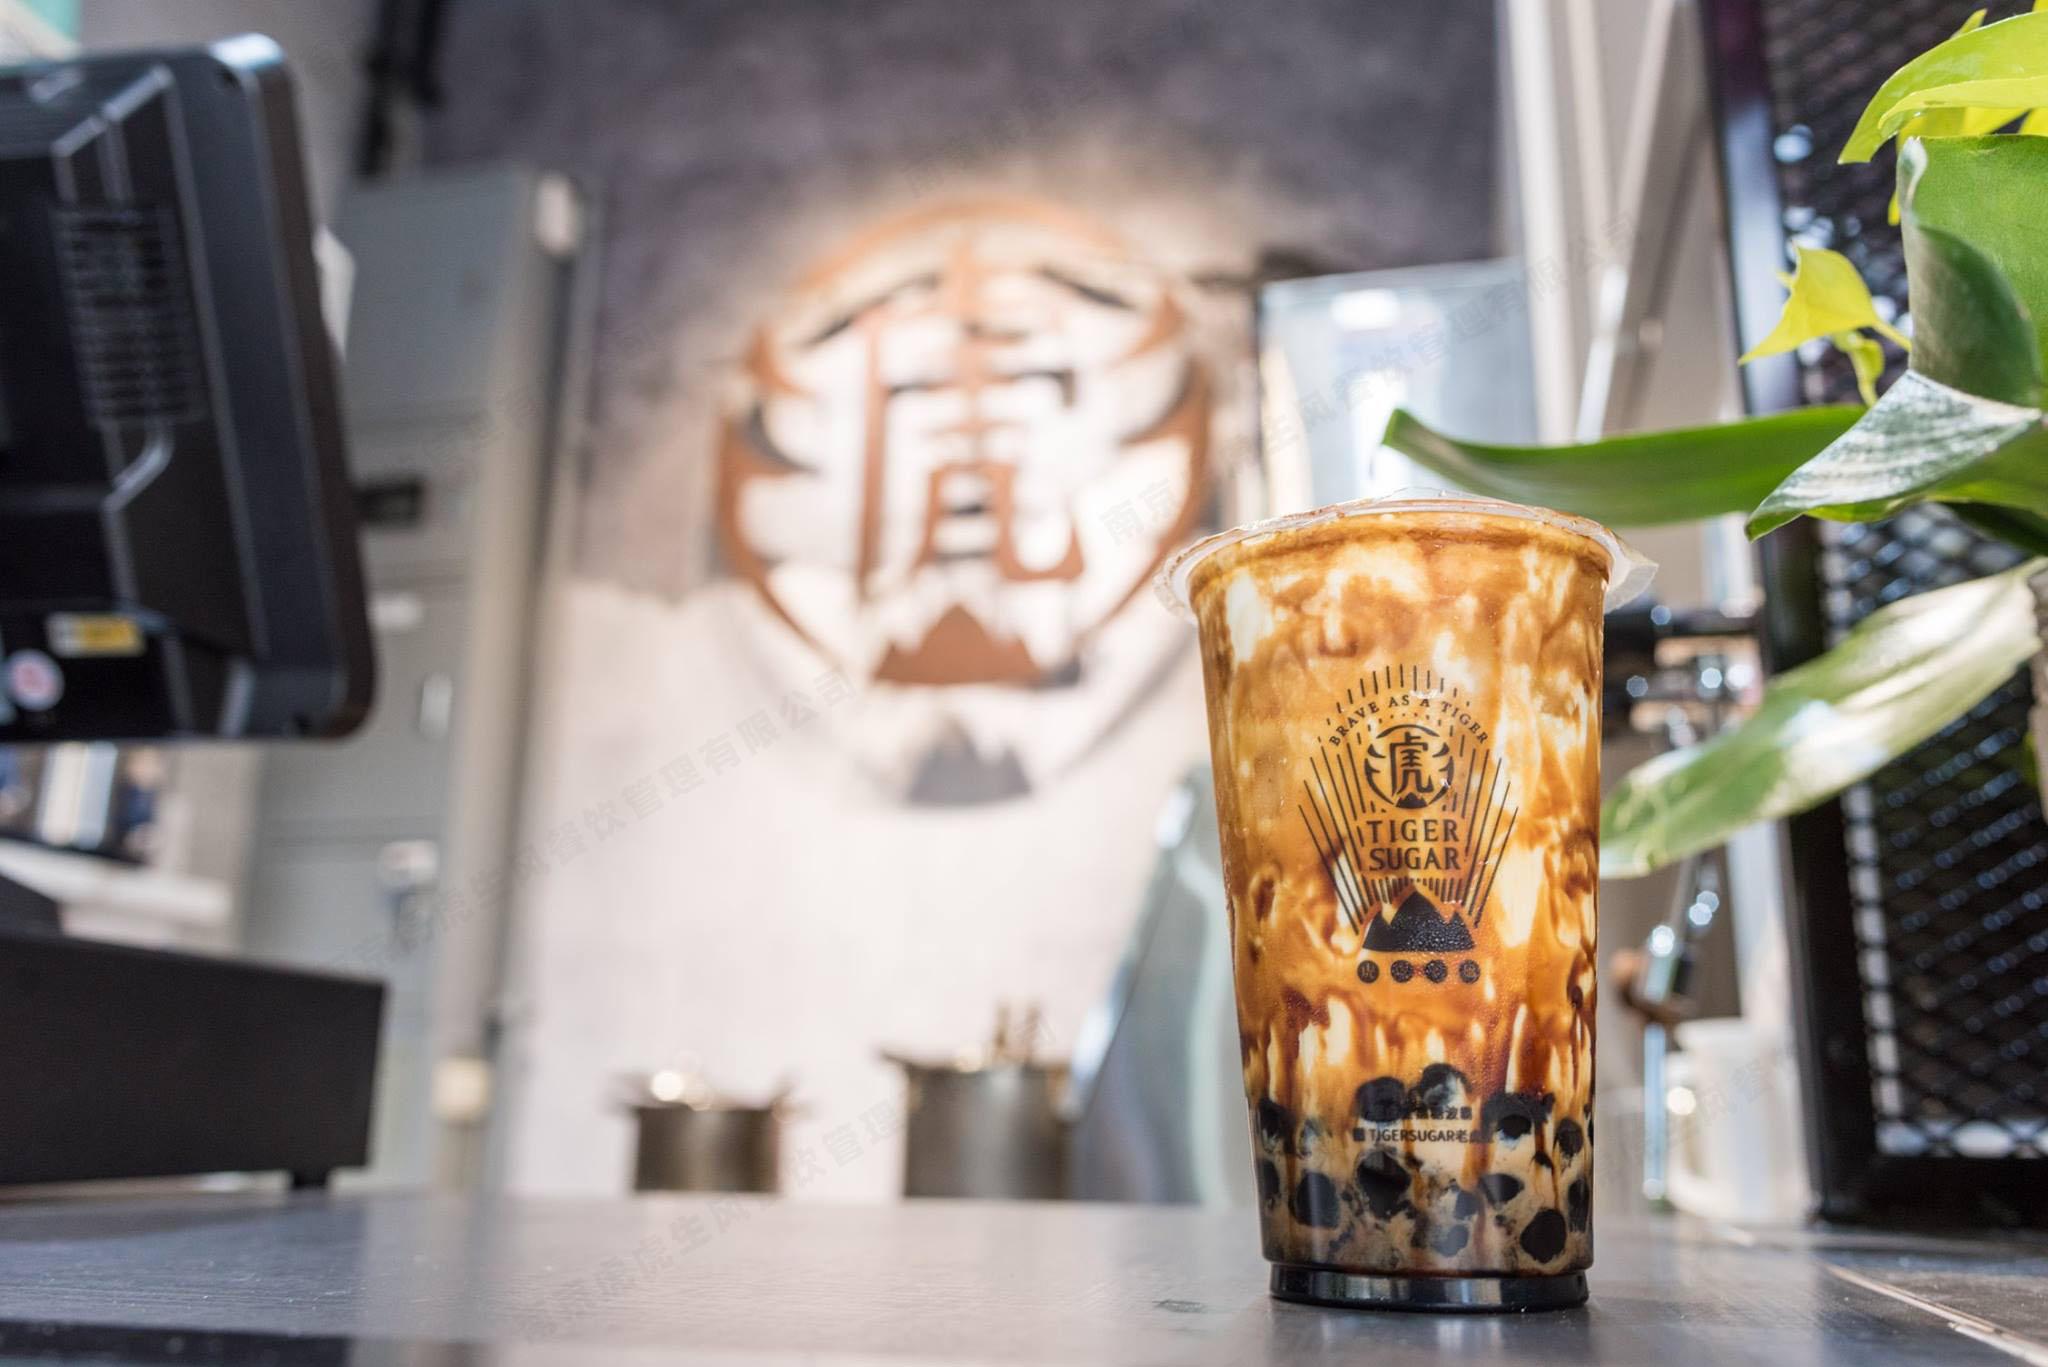 """老虎堂TIGER SUGAR进军市场,这杯""""虎纹奶茶""""赢得了喜茶吗?(图4)"""